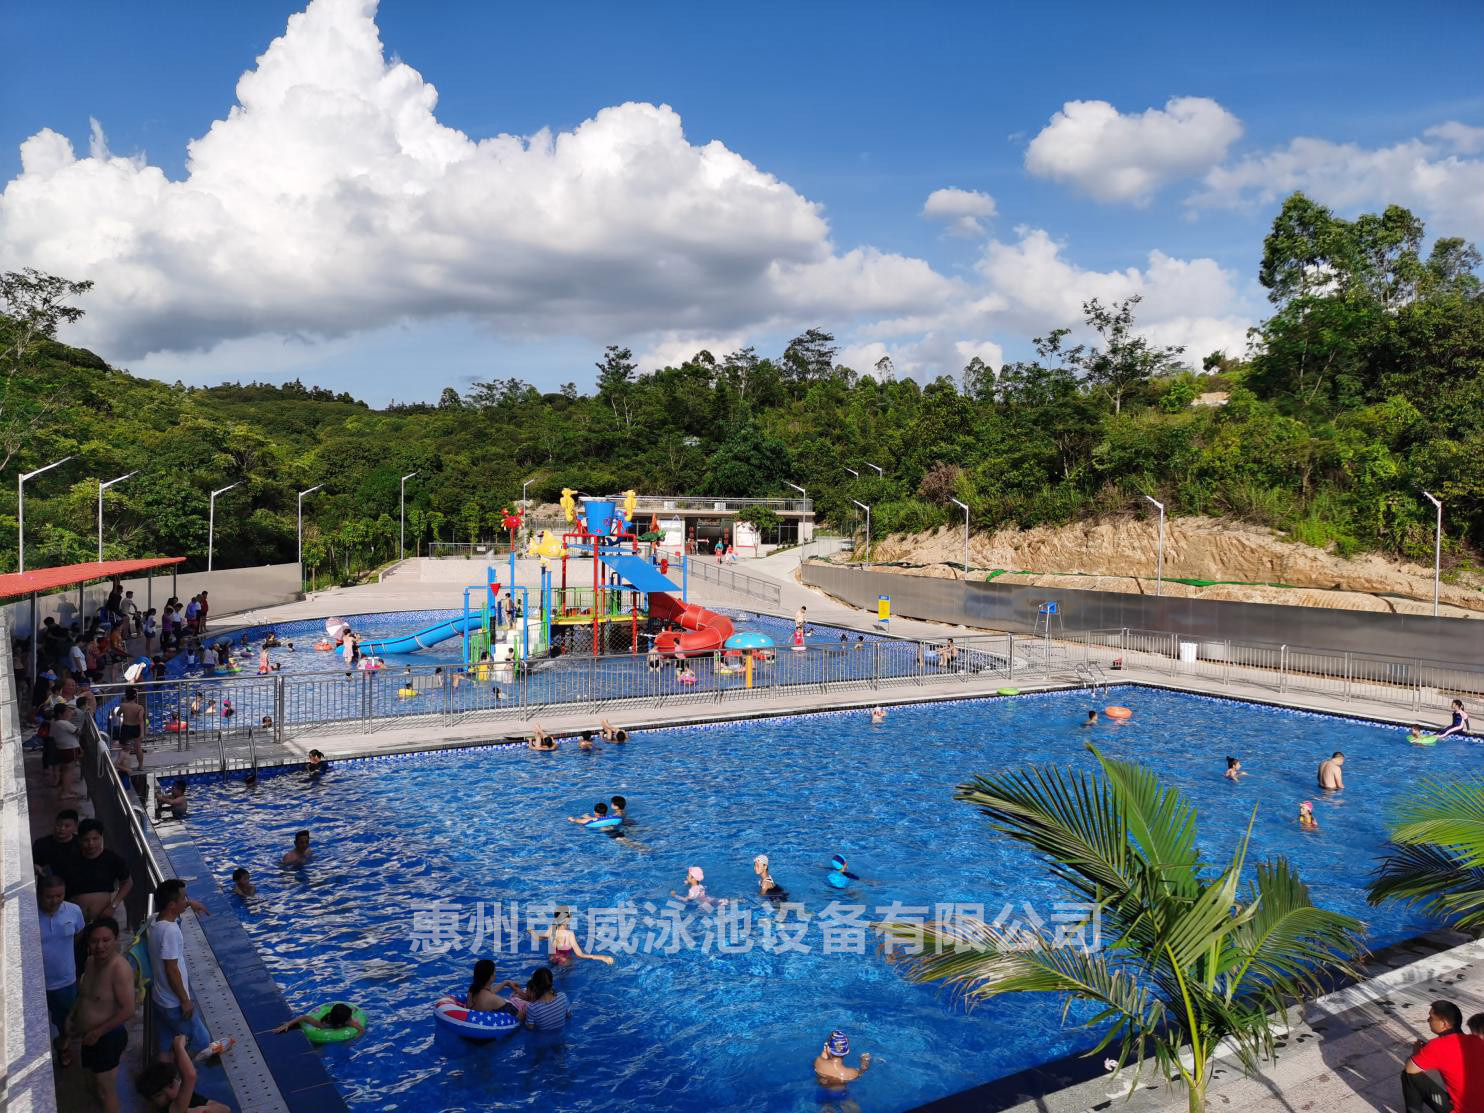 紅衛山莊水上樂園游泳池